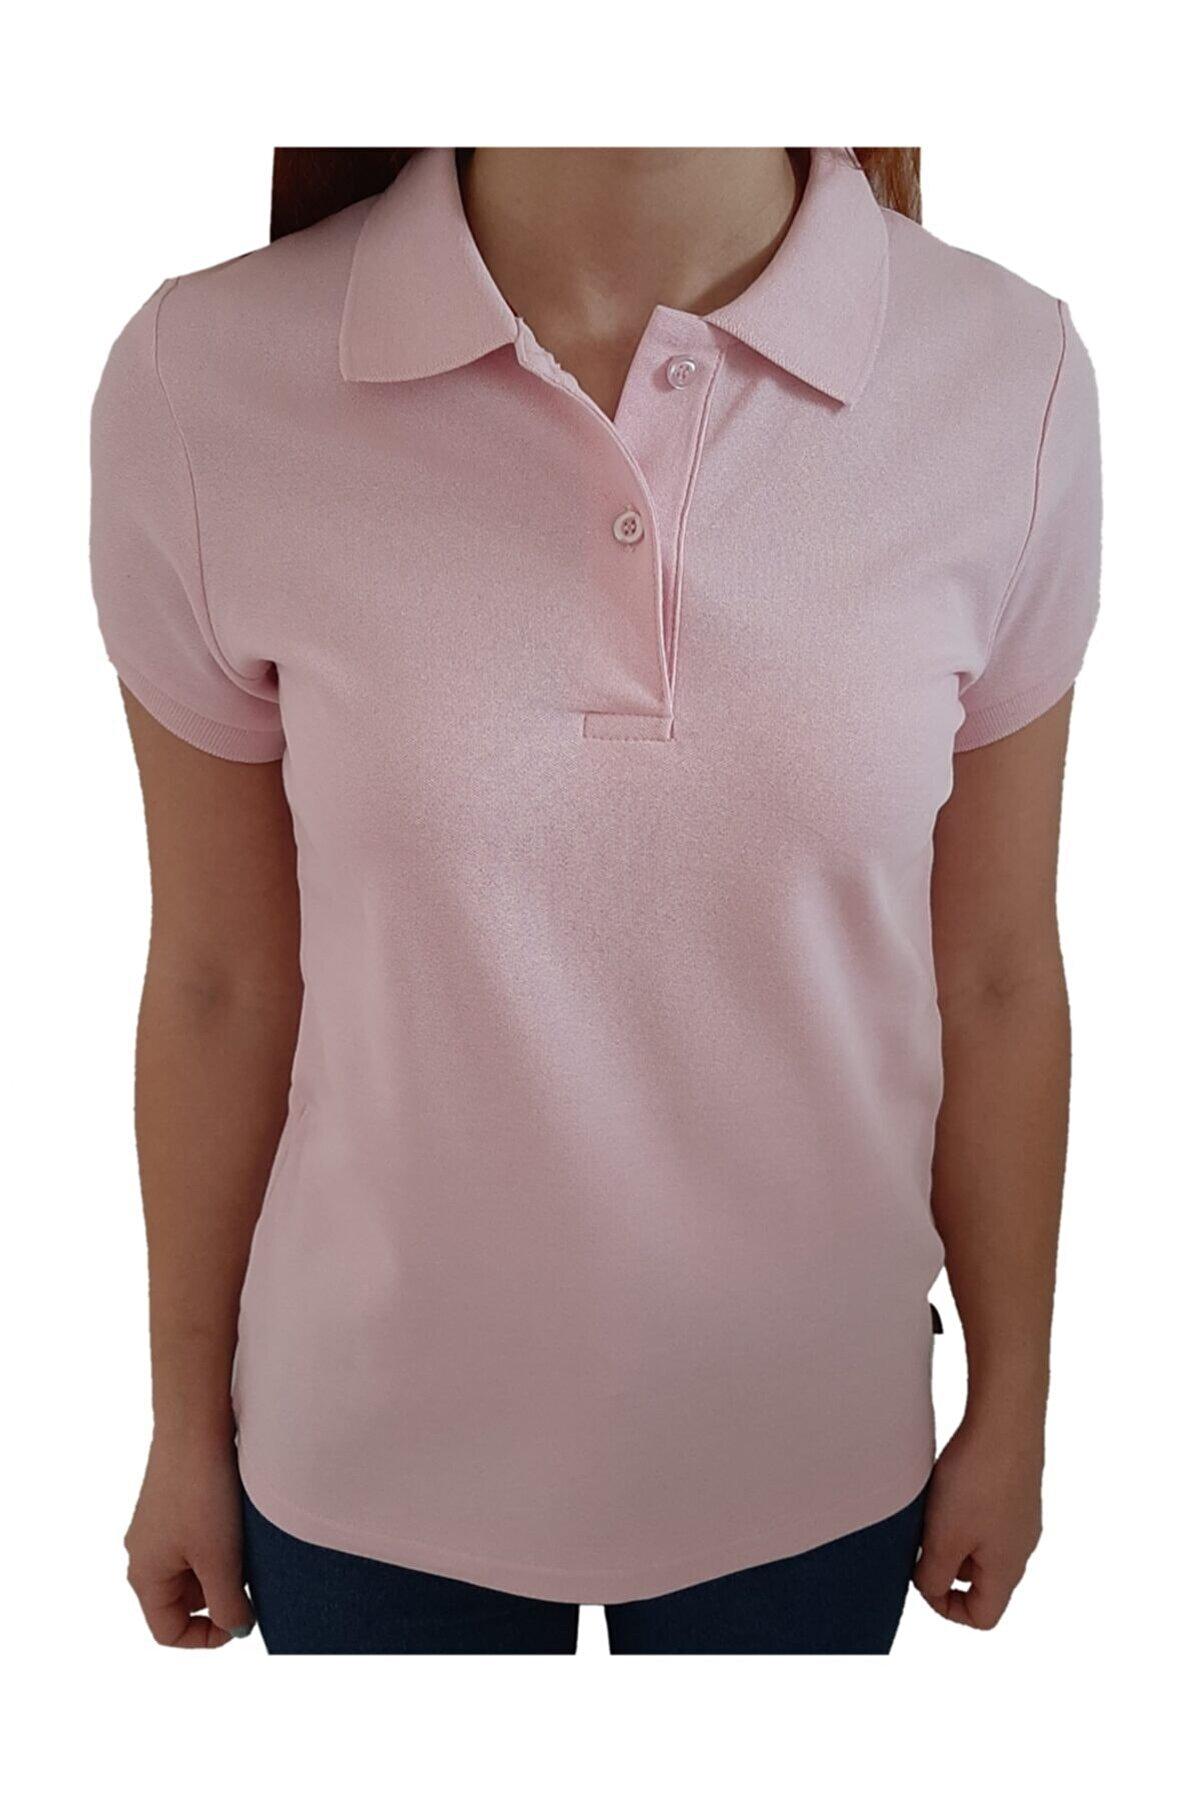 uniformax Kadın Polo Yaka Tişört %100 Pamuk